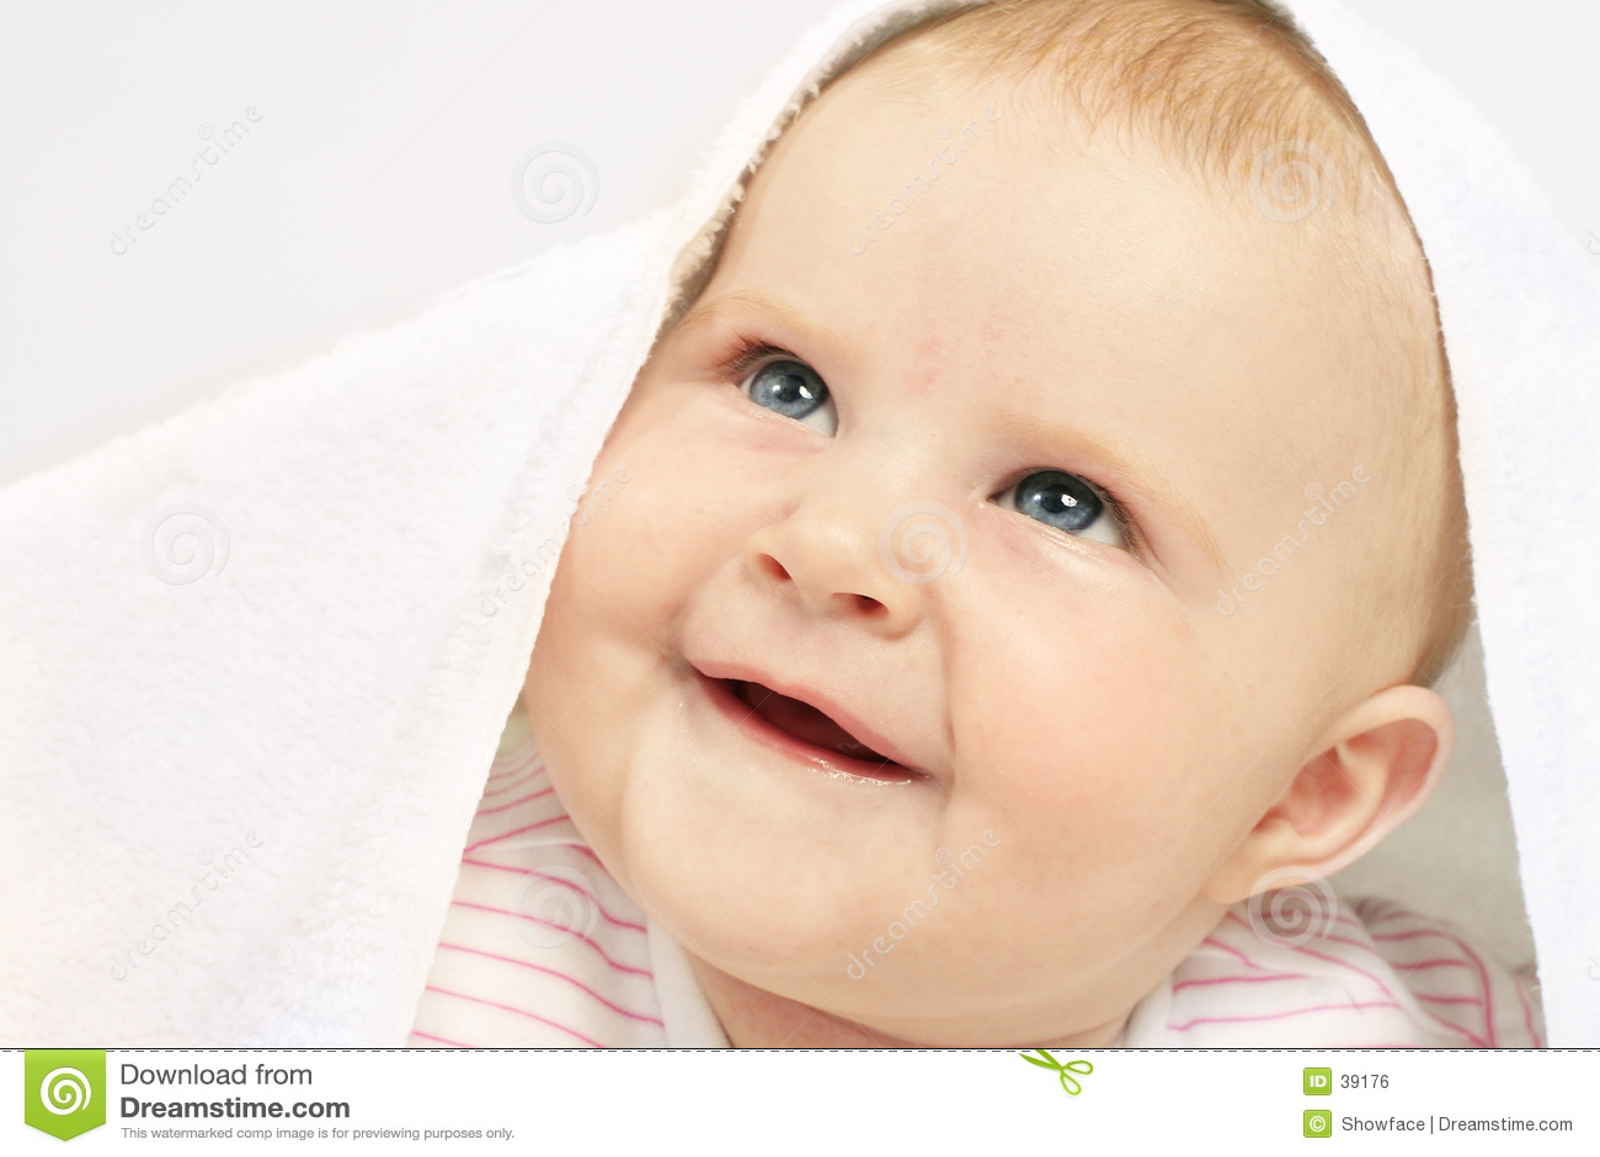 De gekregen blauwe ogen van de baby